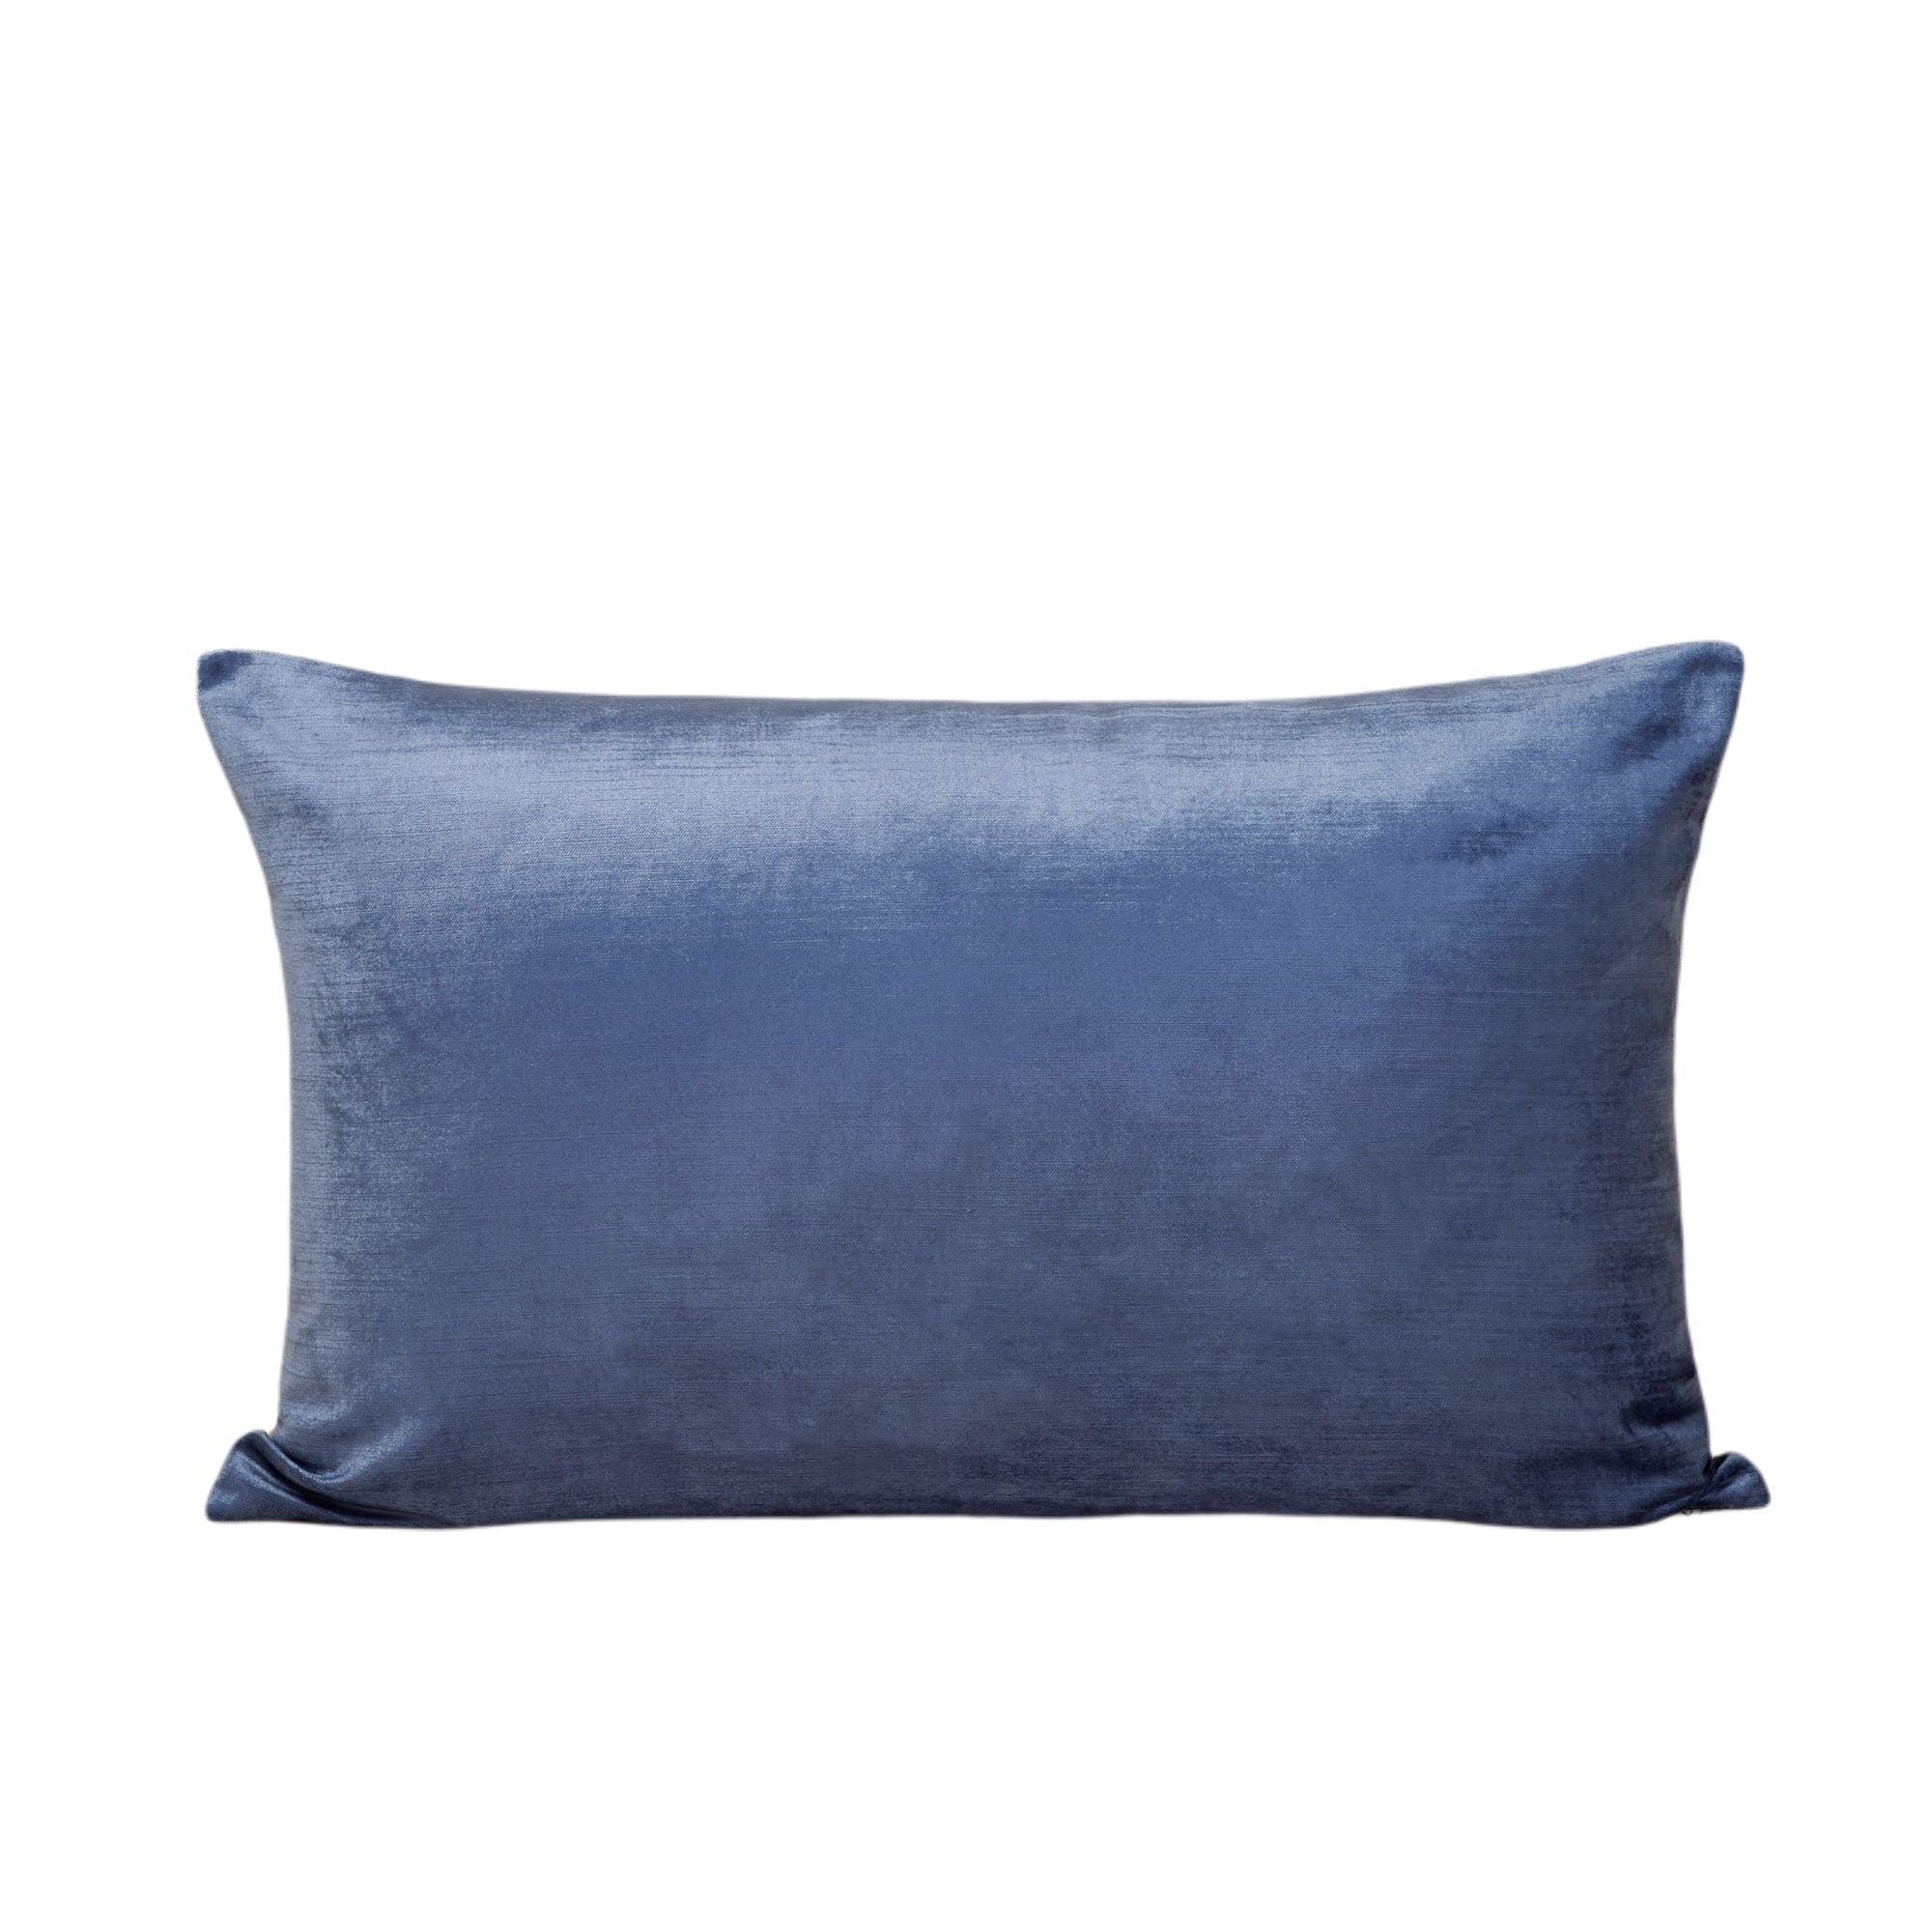 Housse de coussin 40x60 cm Bleu glacier